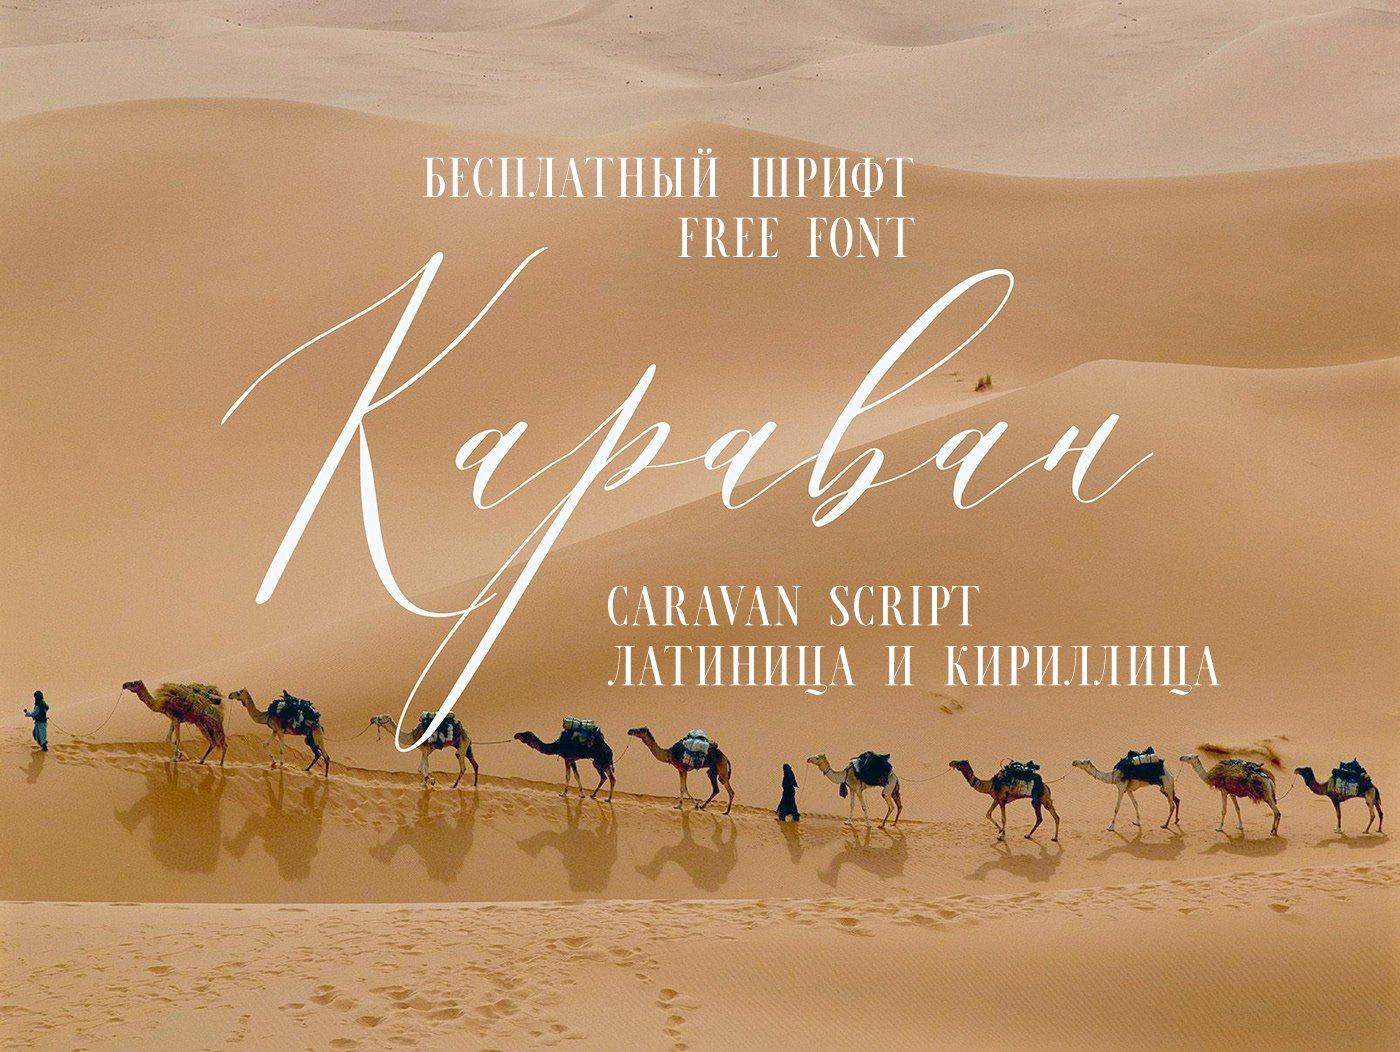 Каллиграфический шрифт Караван  Caravan script скачать бесплатно